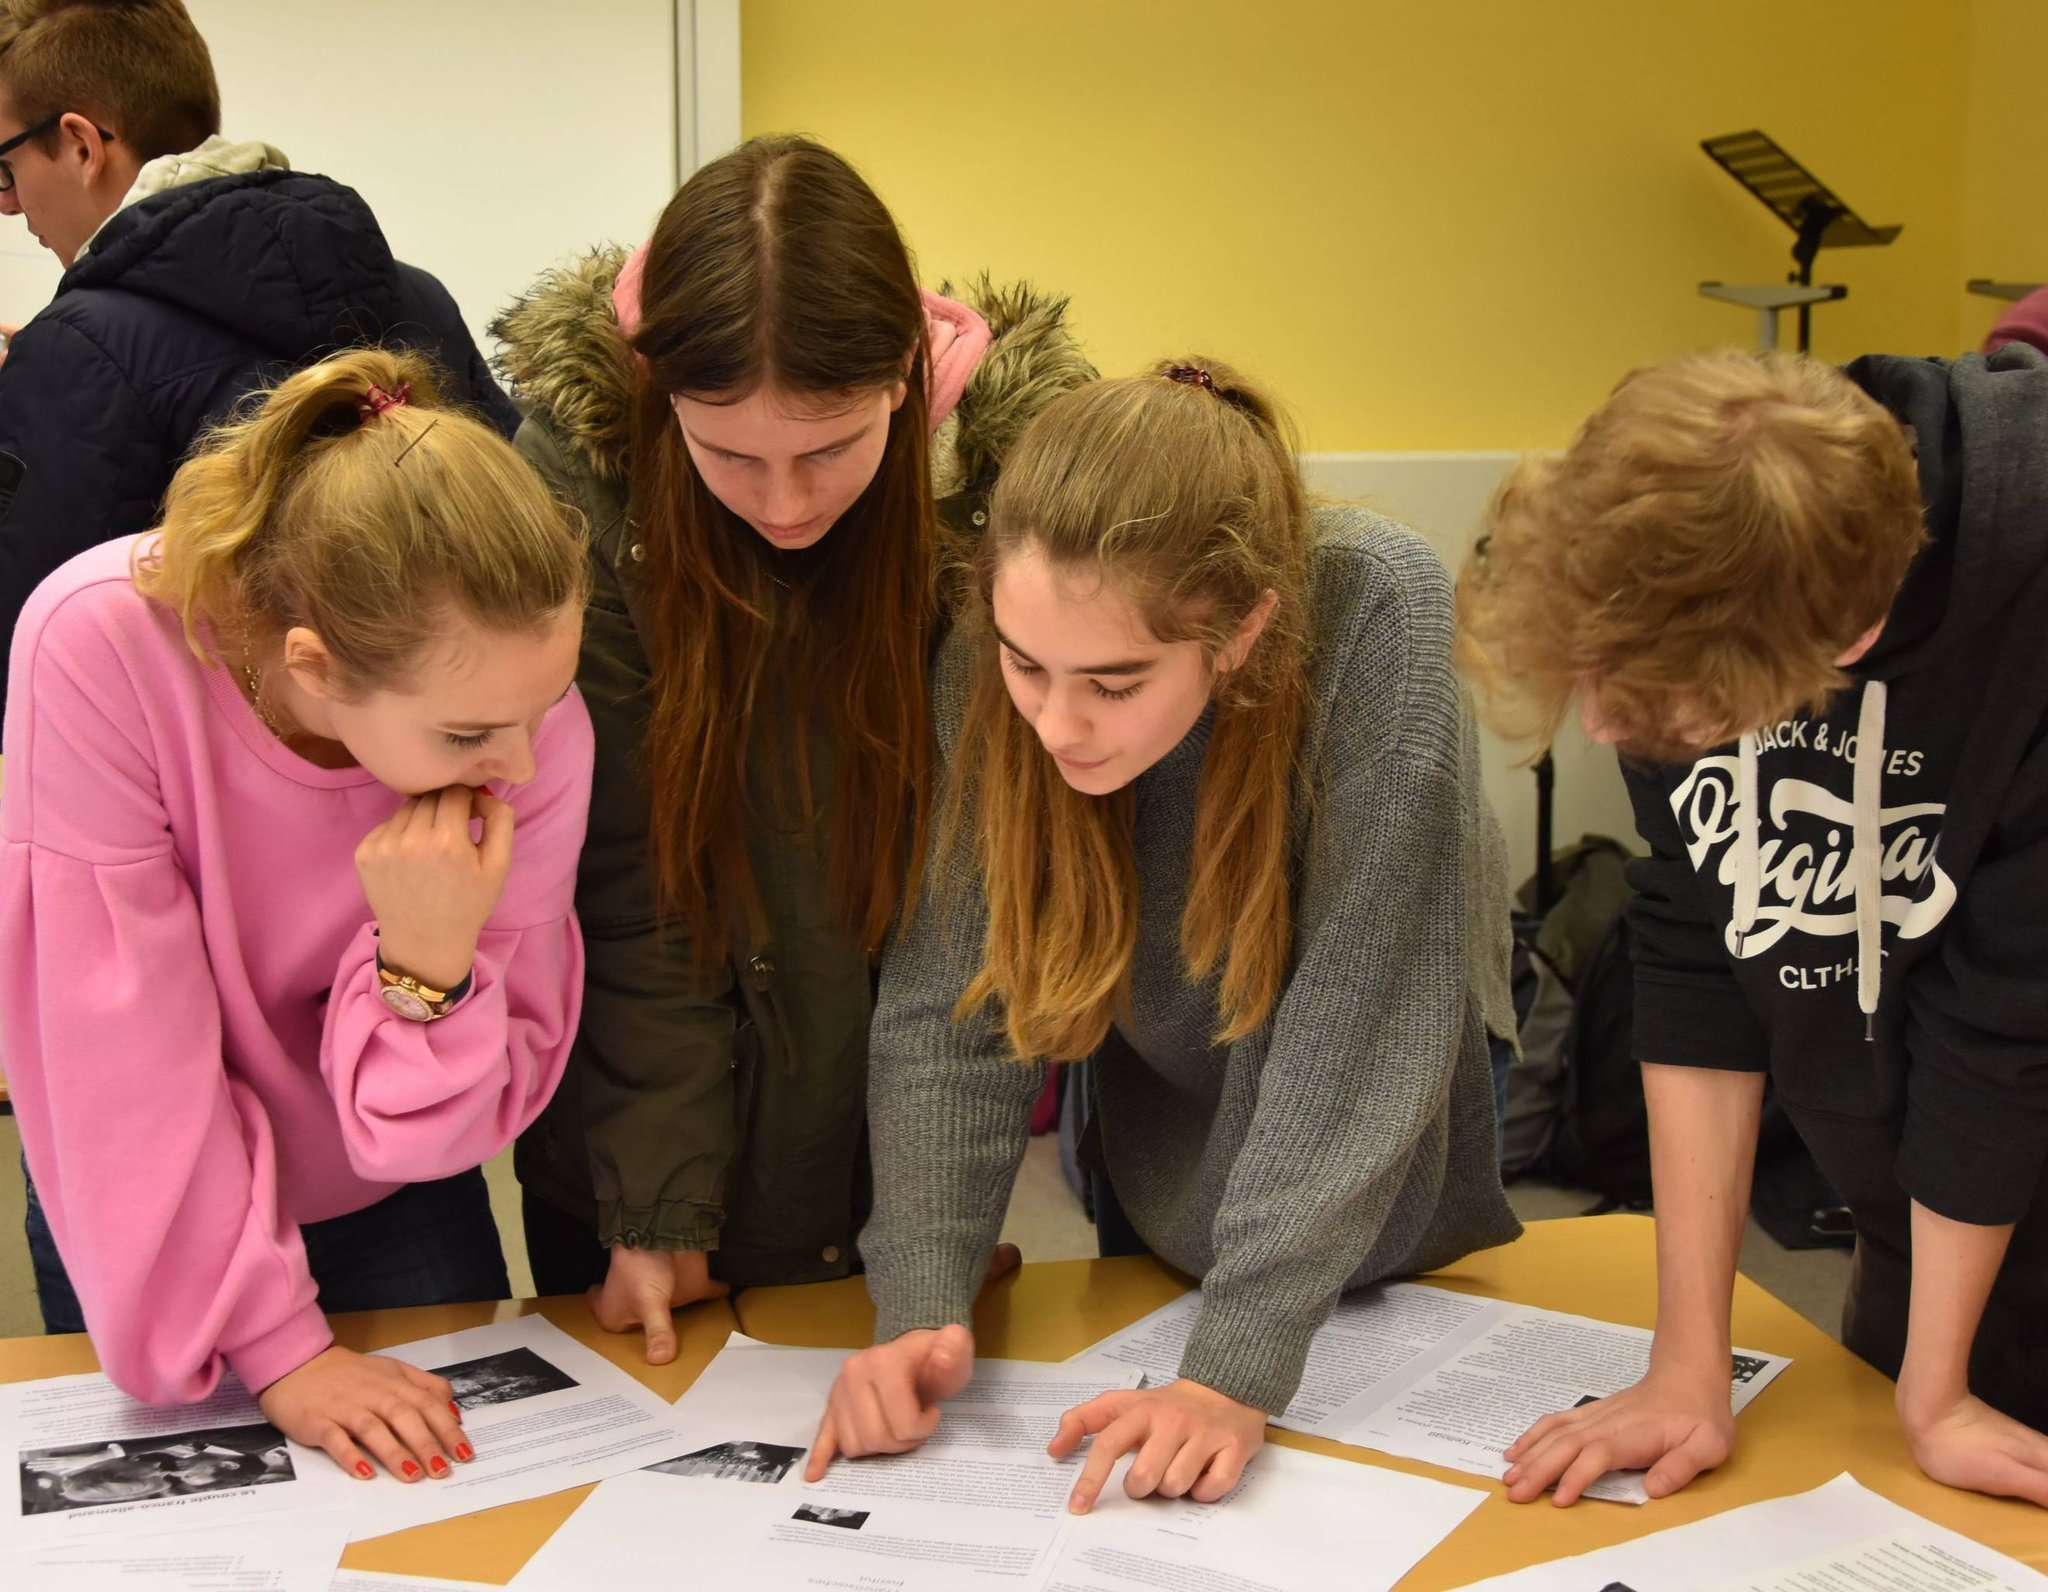 Die deutschen und französischen Schüler haben zwei Wochen Zeit, neue Freundschaften zu knüpfen.